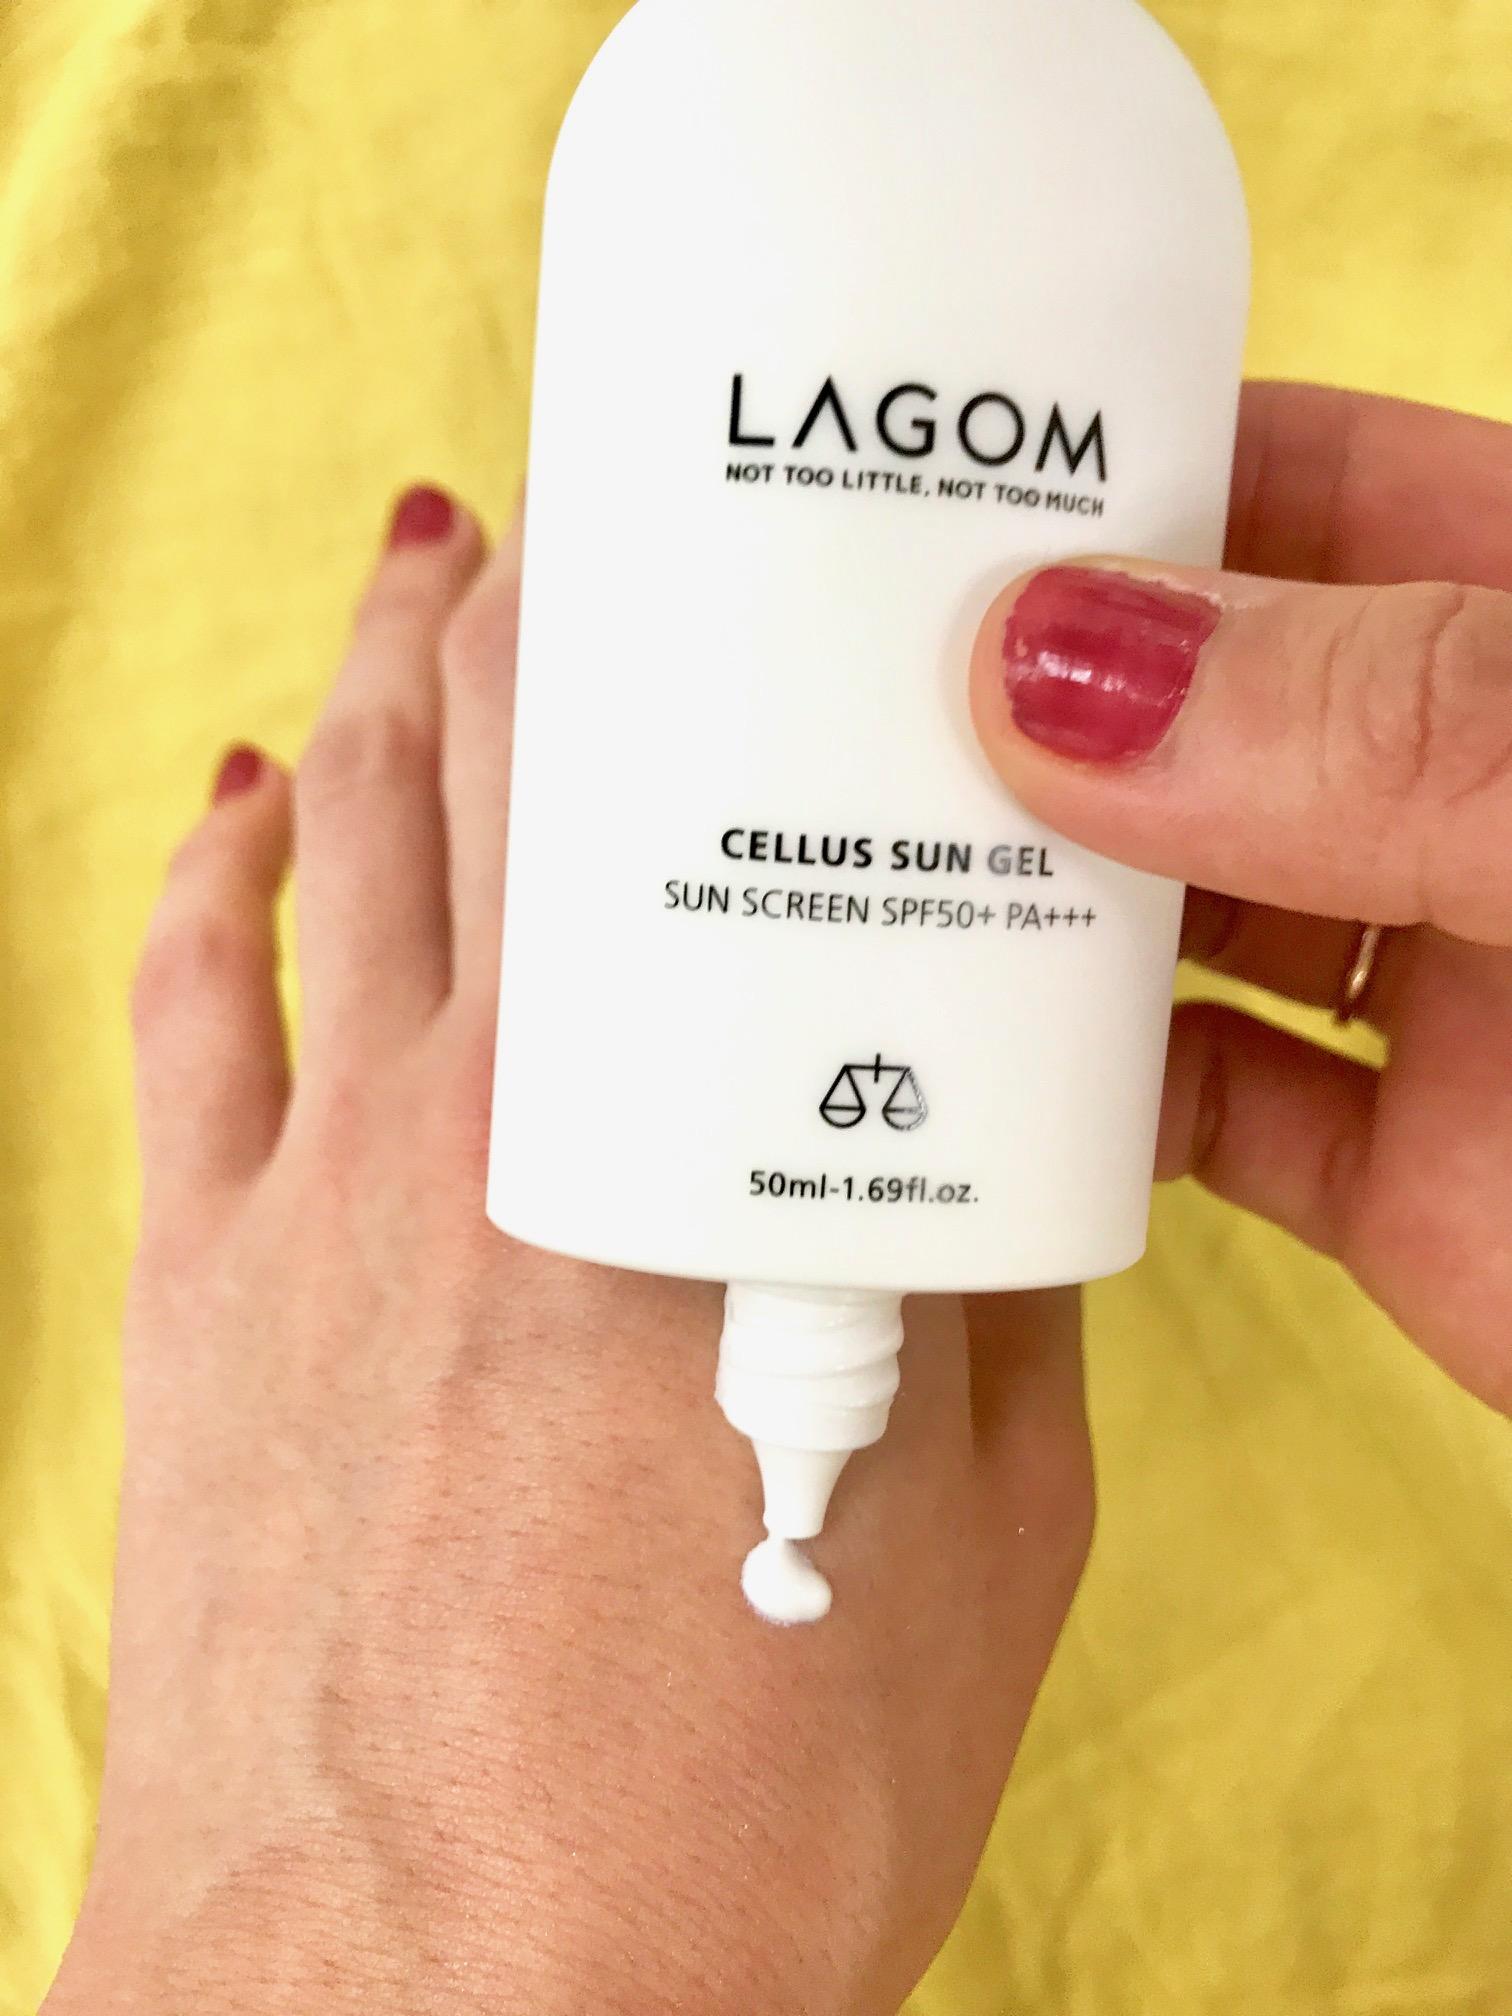 韓国コスメ『LAGOM(ラゴム)』の日焼け止め乳液「サンジェル」が、良すぎるから試してほしい件。_2